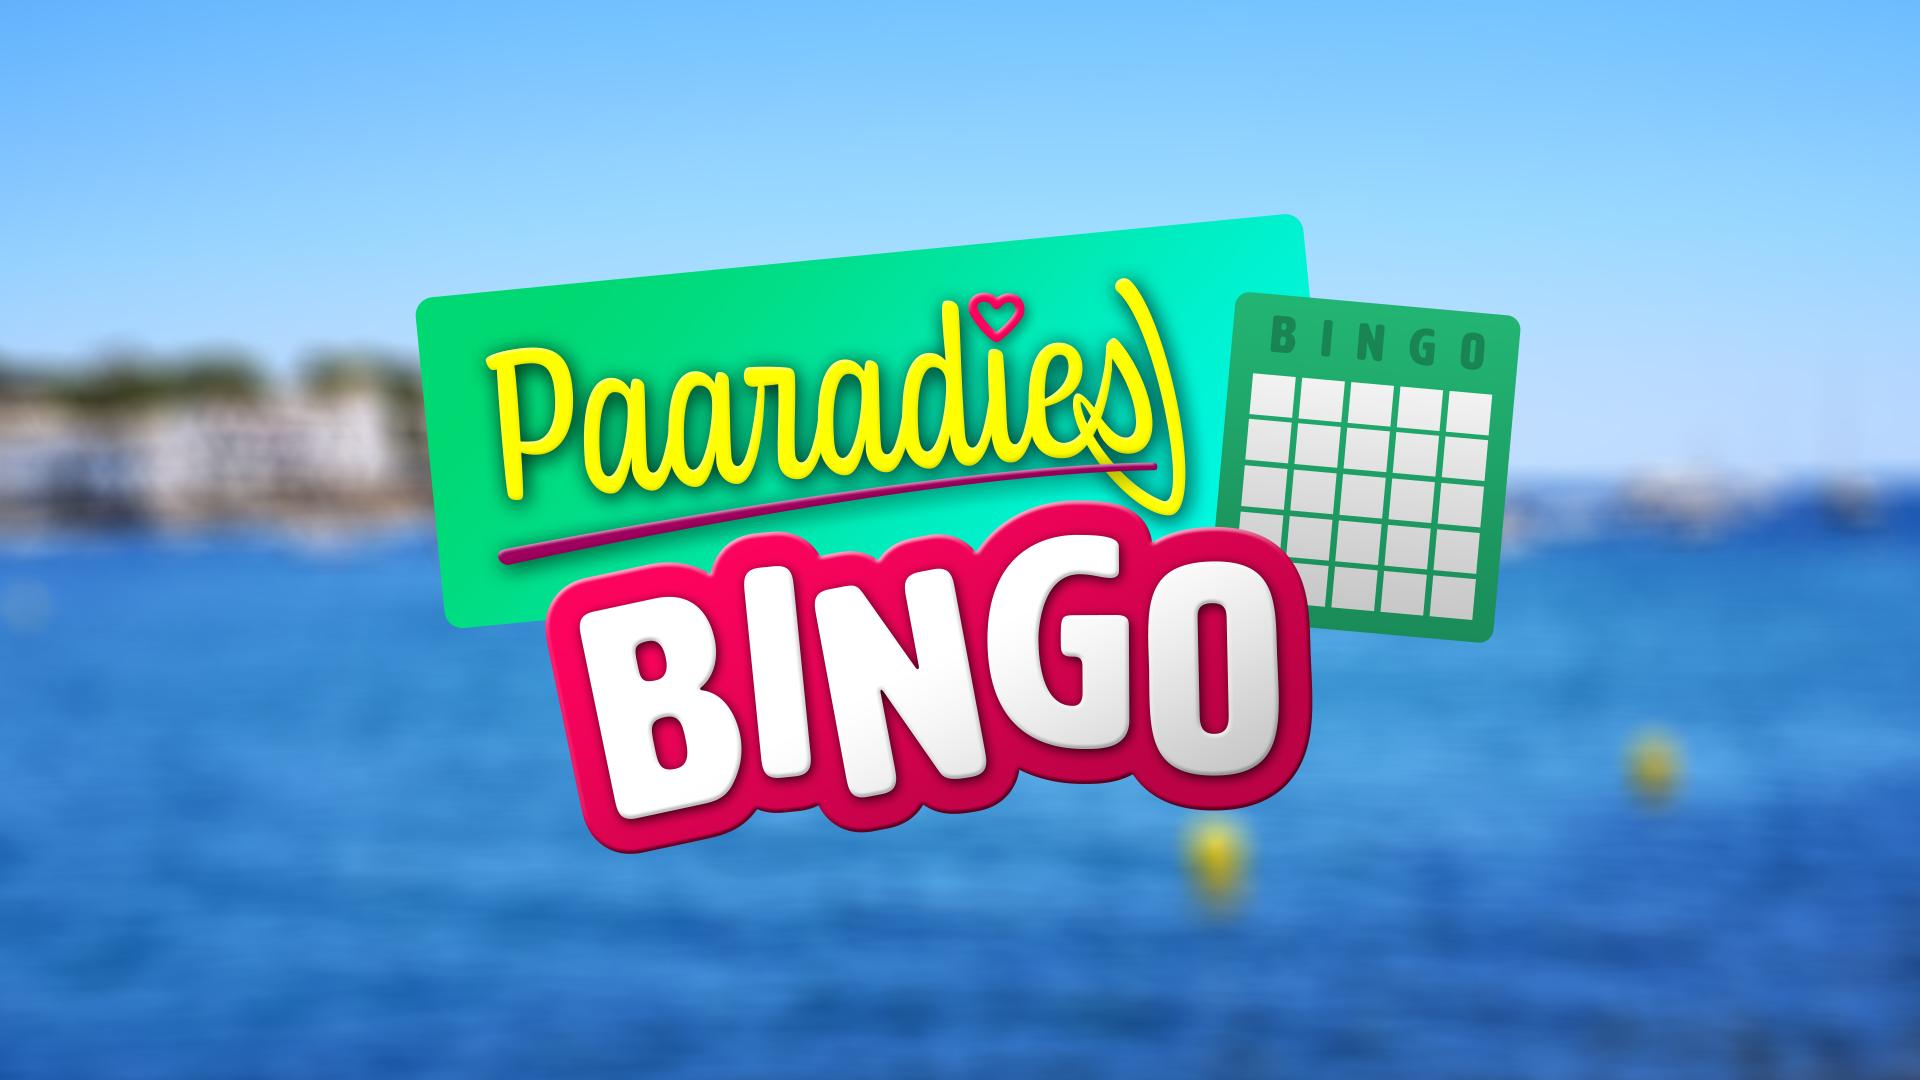 Paaradies Bingo